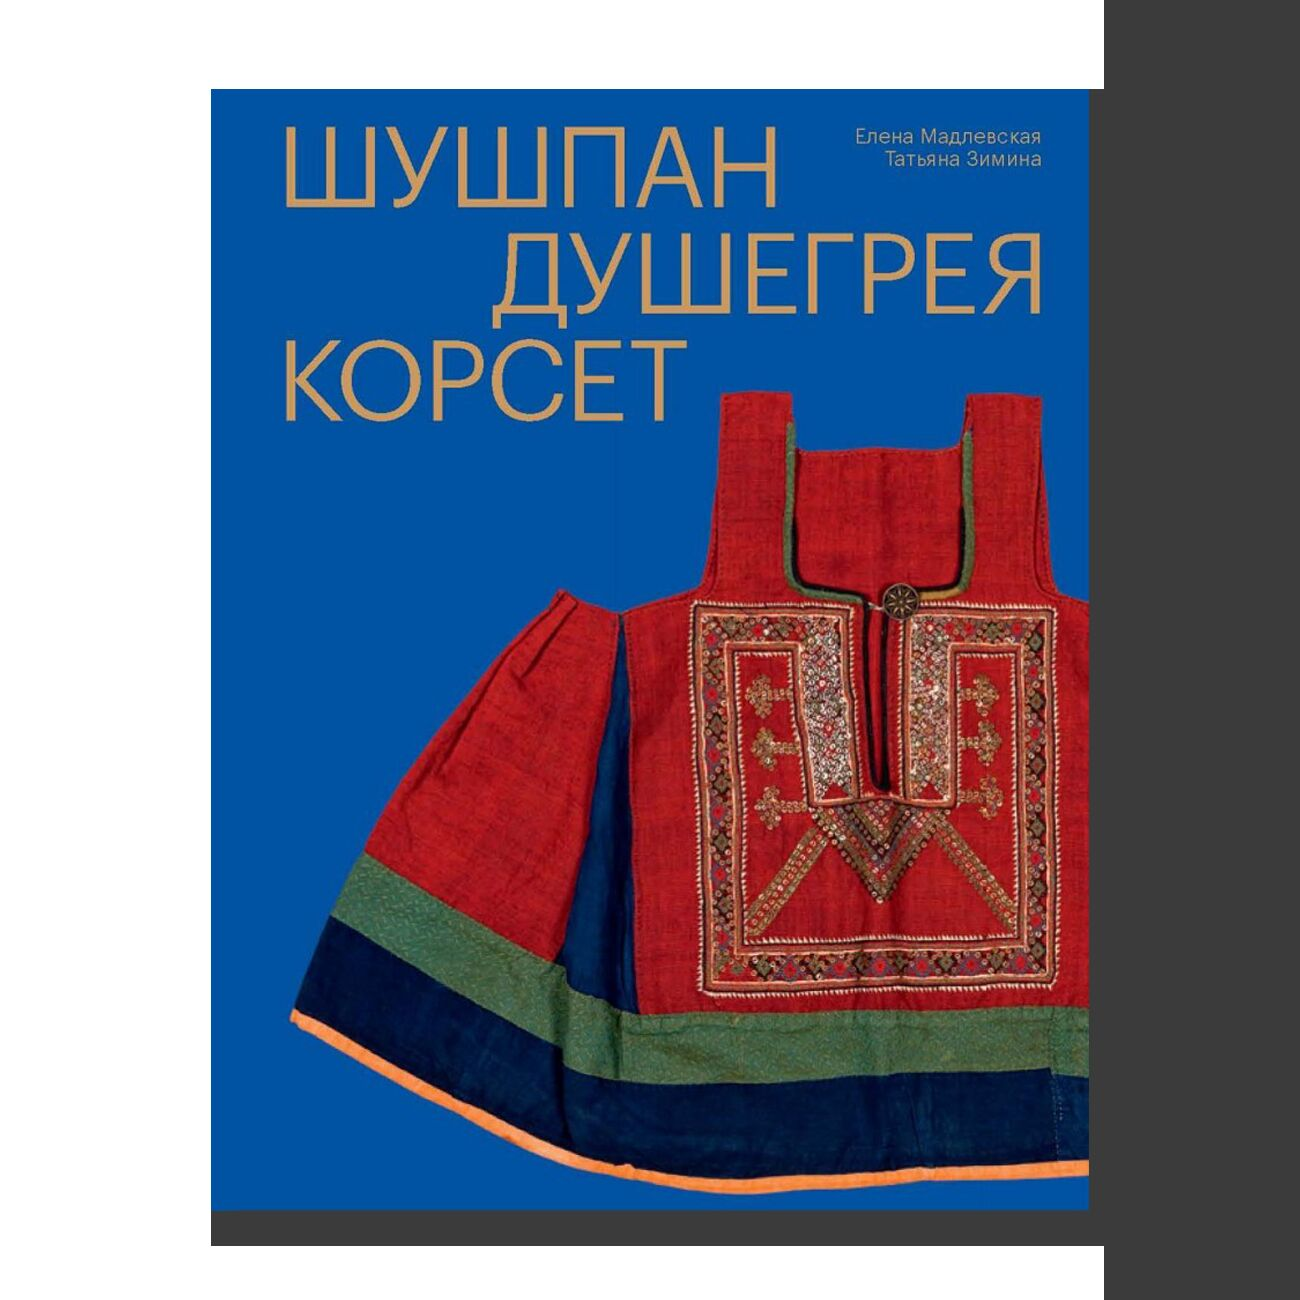 Шушпан. Душегрея. Корсет. Нагрудная одежда в русском традиционном костюме